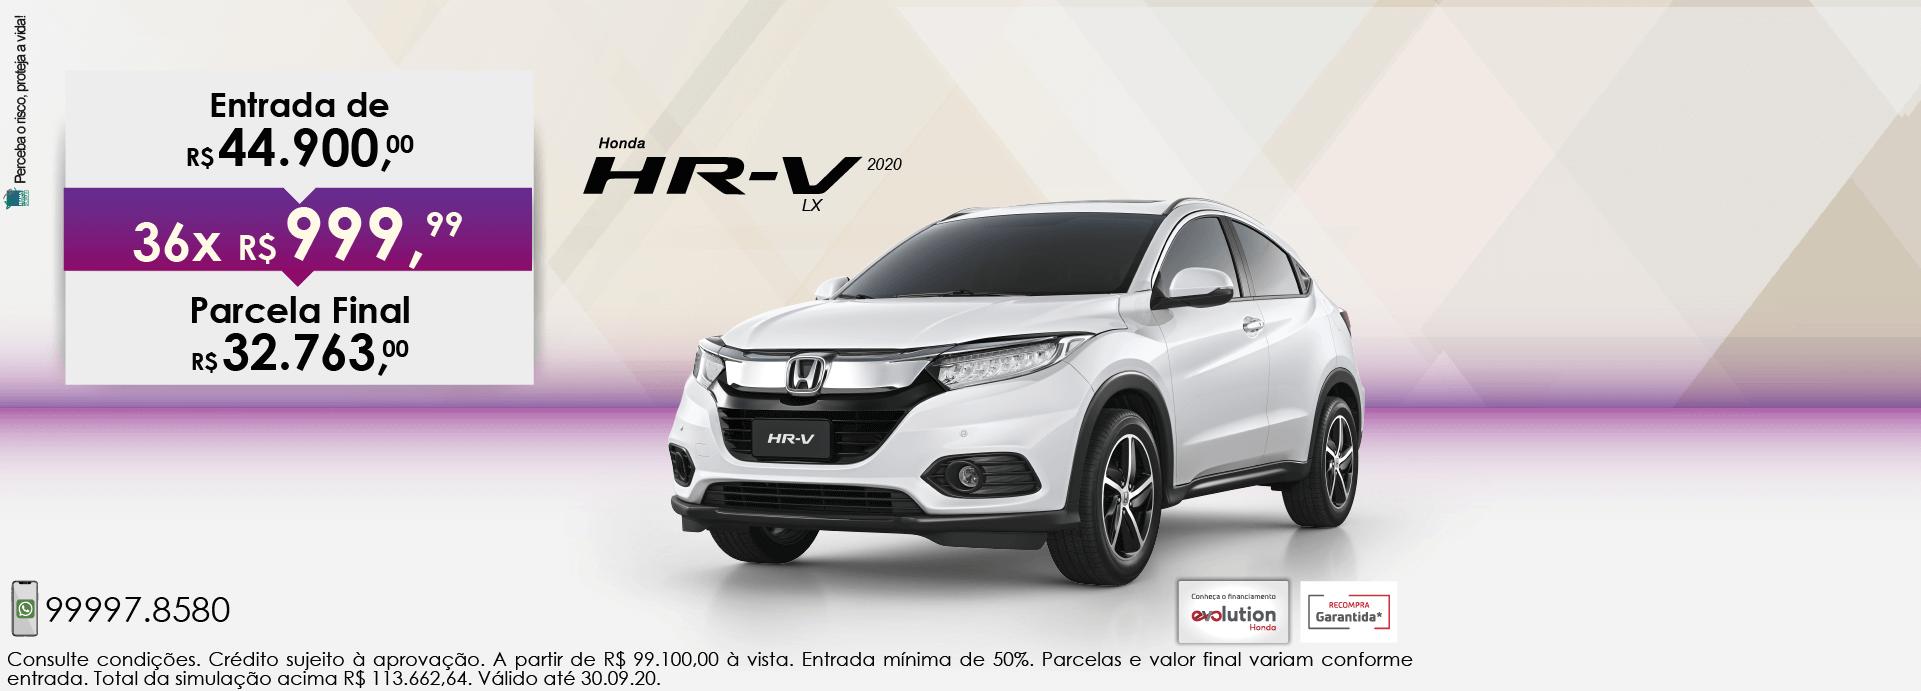 HR-V LX 2020